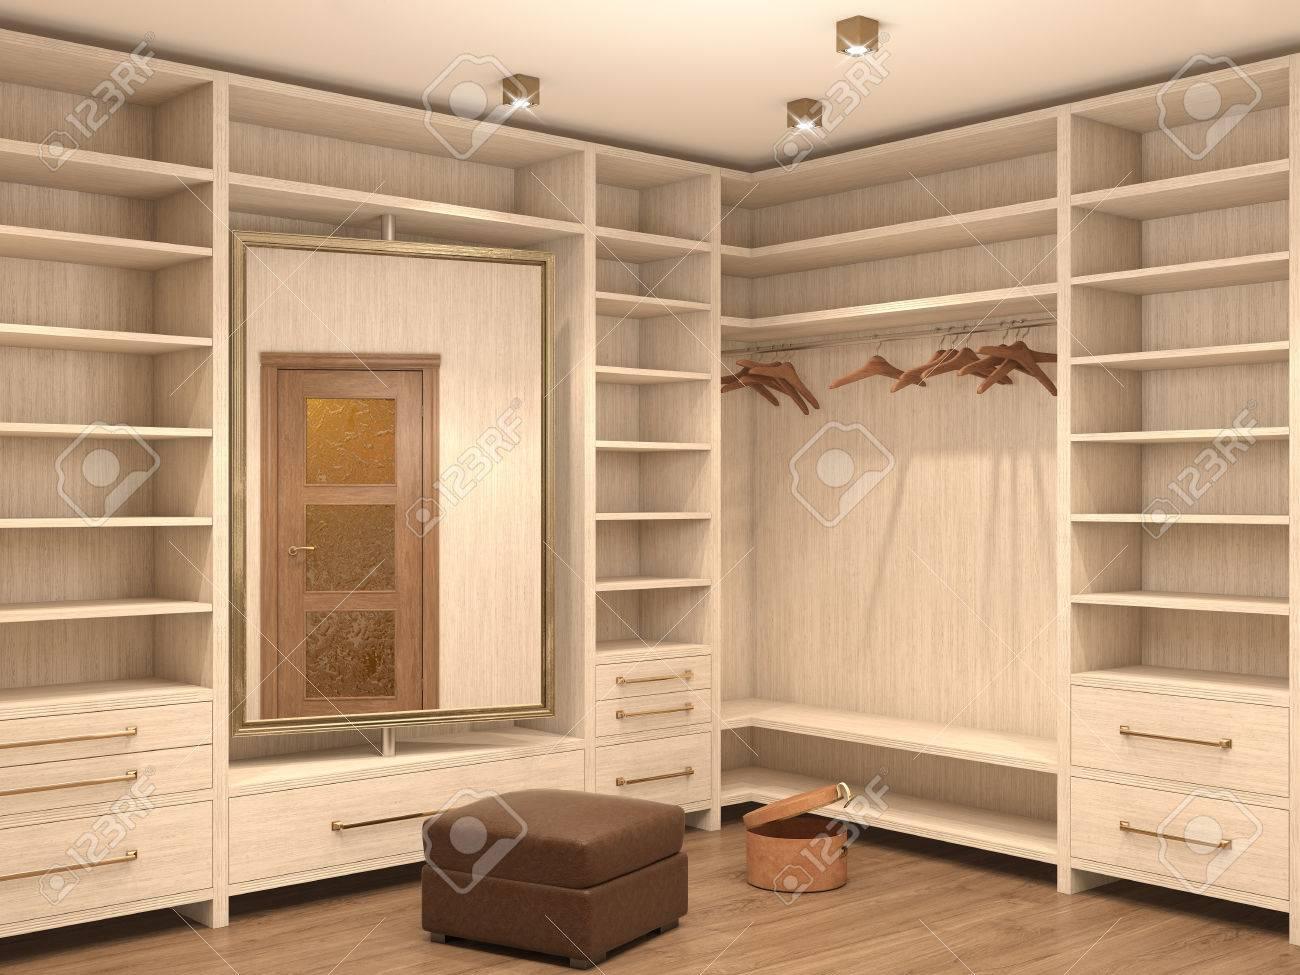 Leere weiße garderobe; inter eines modernen hauses. 3d darstellung